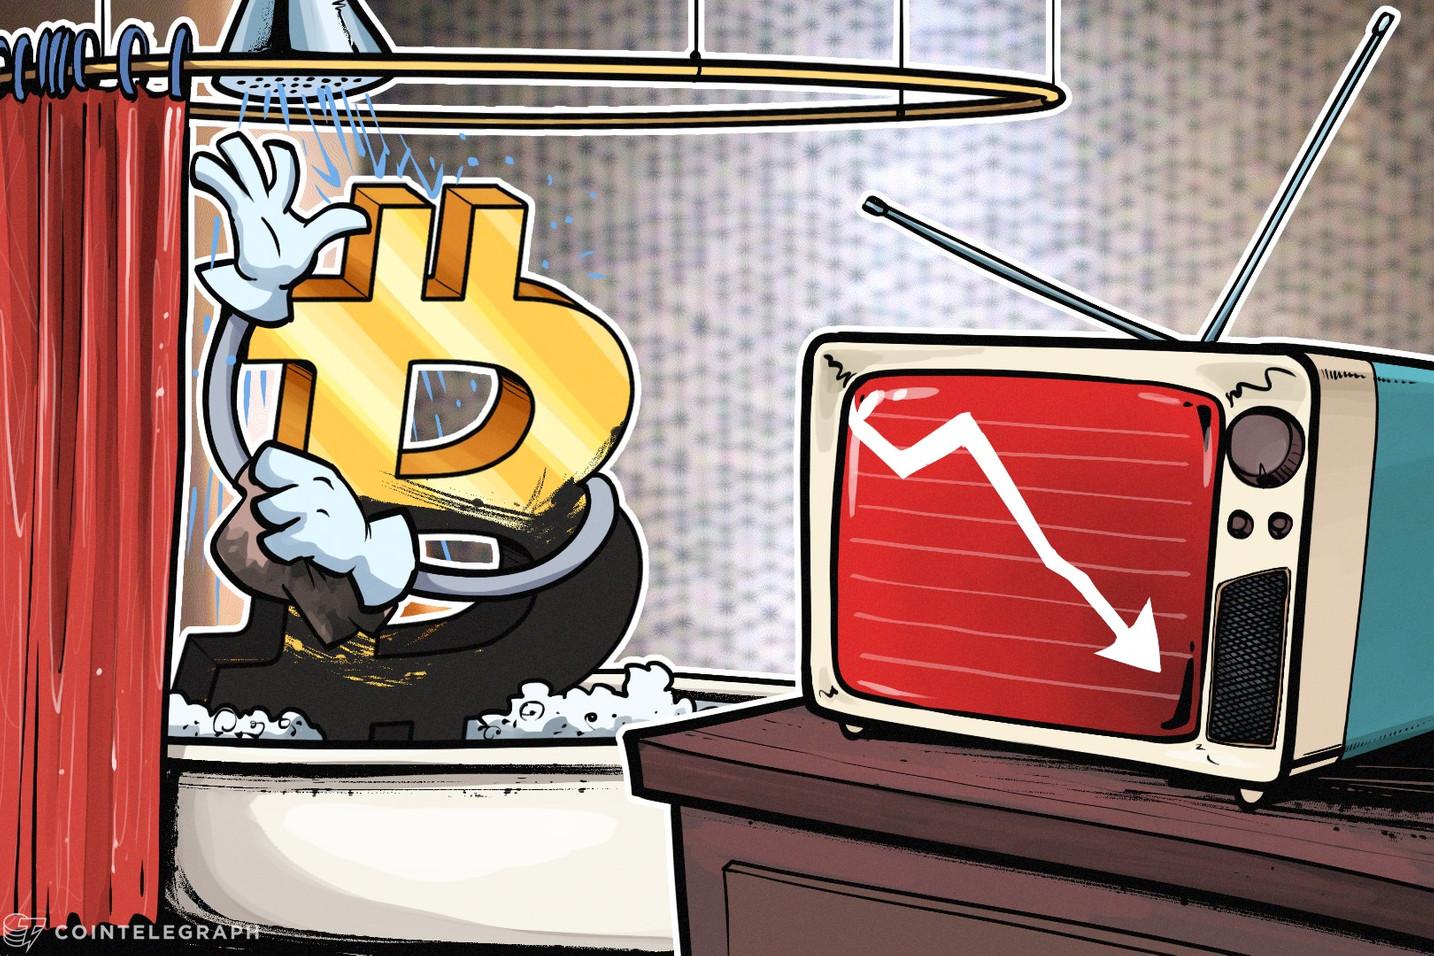 Bitcoin pode ficar próximo de US$ 1.000, revela análise que mostra queda de 77%